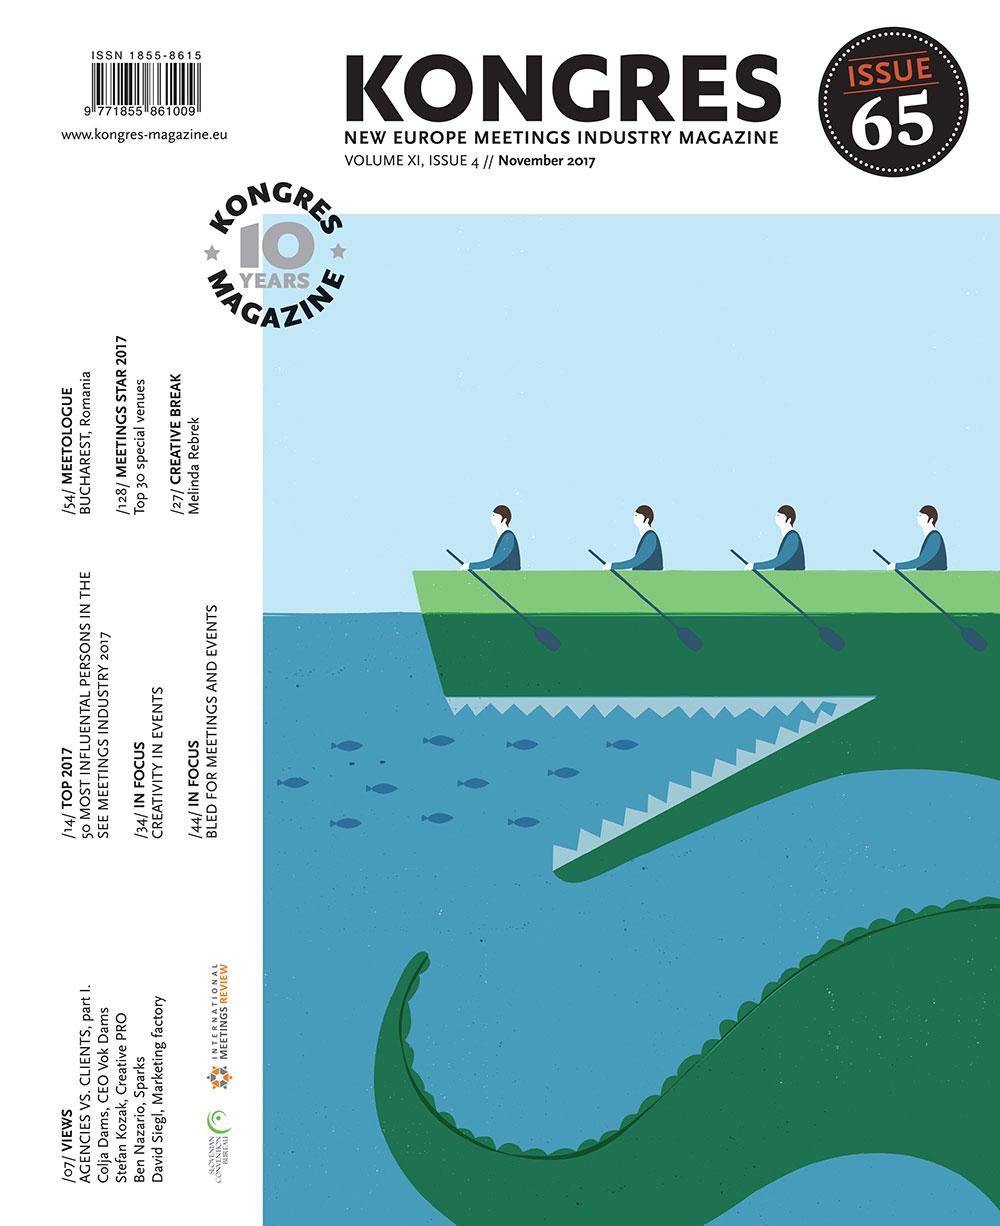 vizualno-oblikovanje-kongres-magazine-november